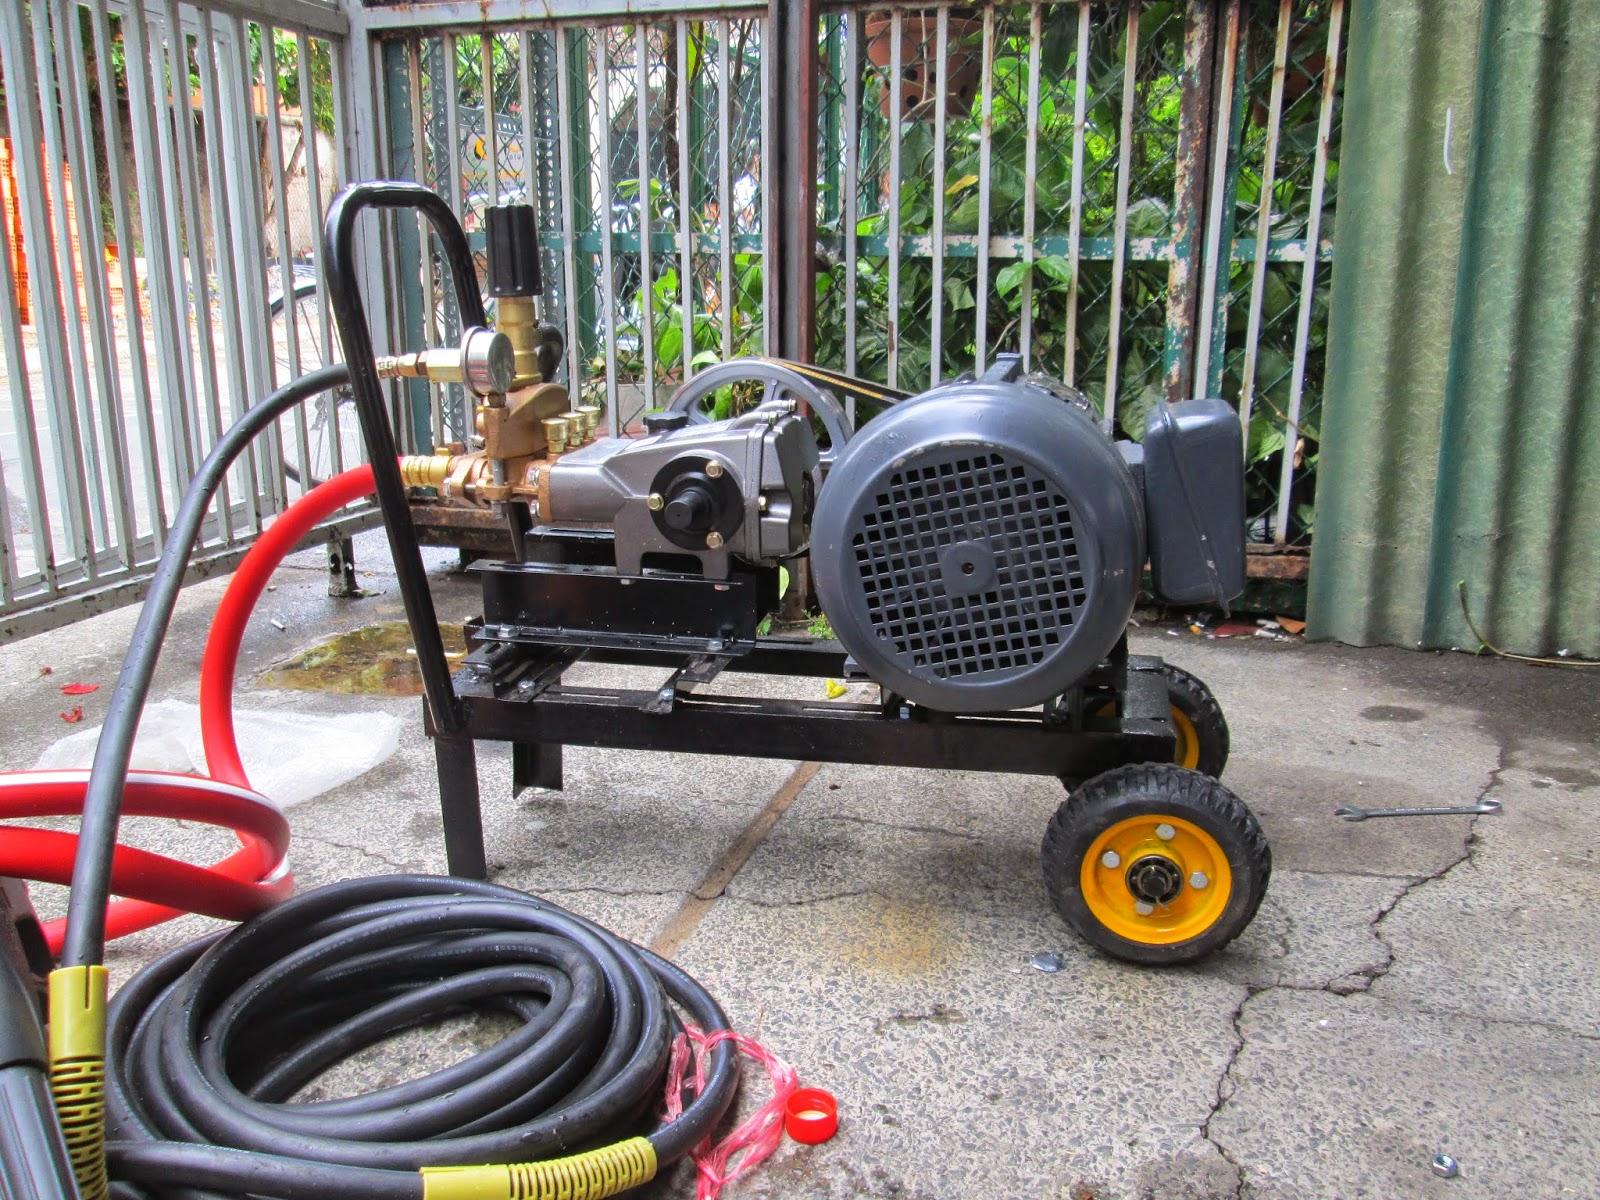 Máy rửa xe cũ có giá thành rẻ hơn nhiều so với máy mới